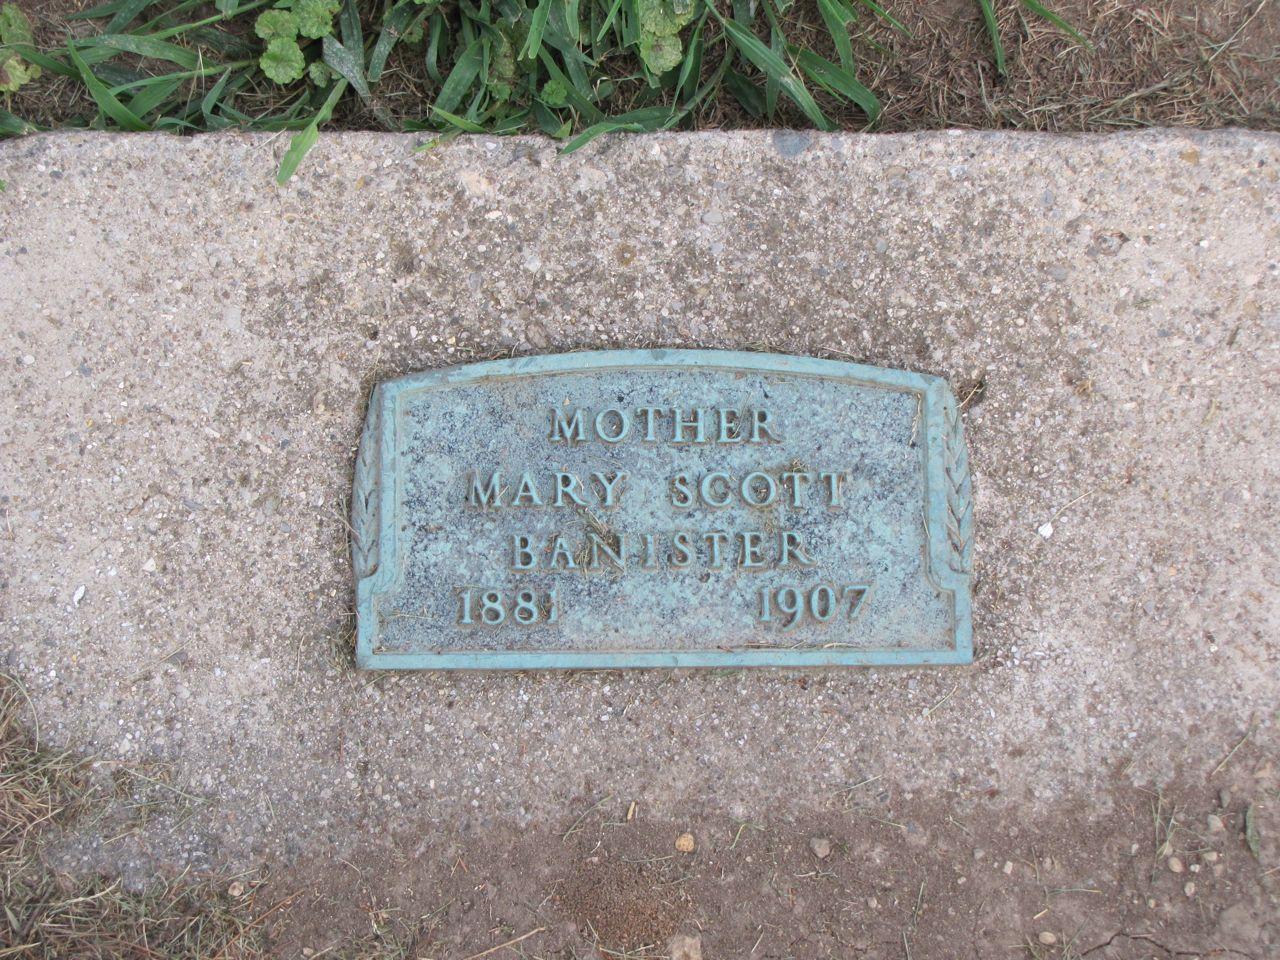 Mary May <i>Scott</i> Banister